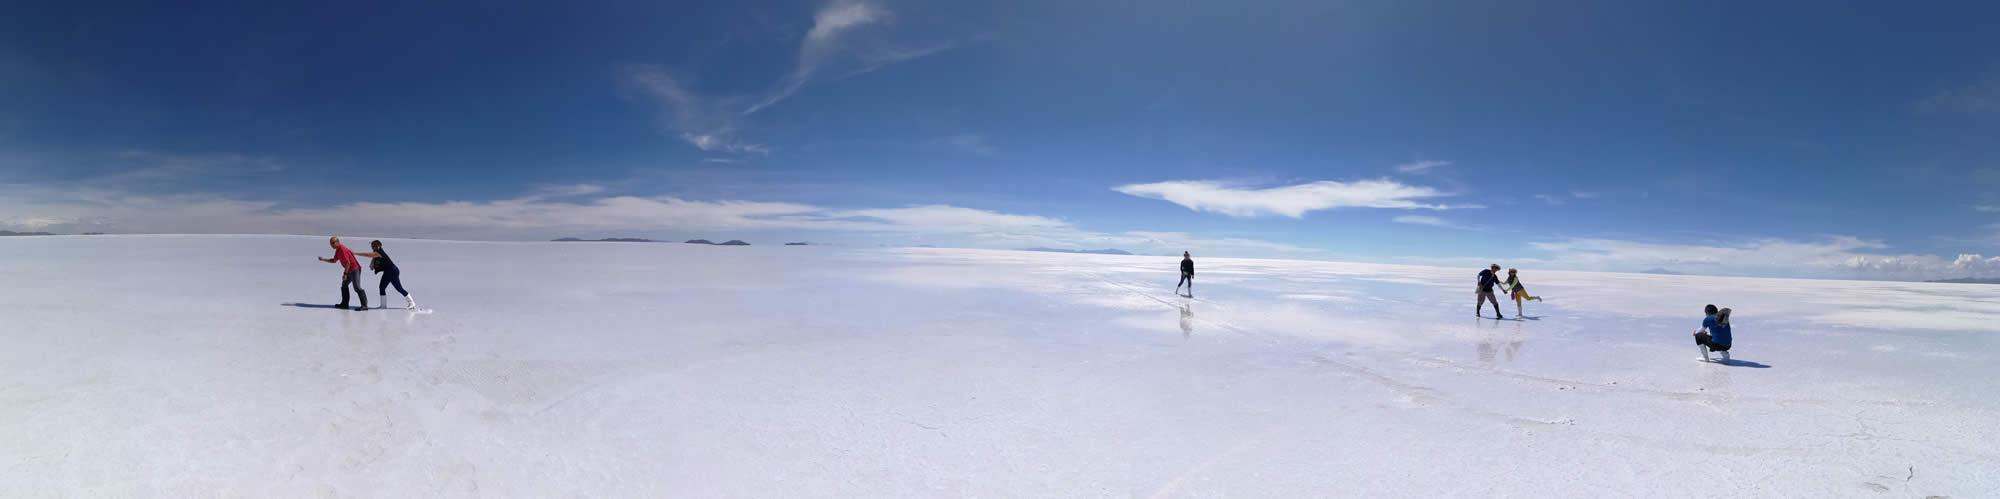 Salar Bolivia Panorama 2019